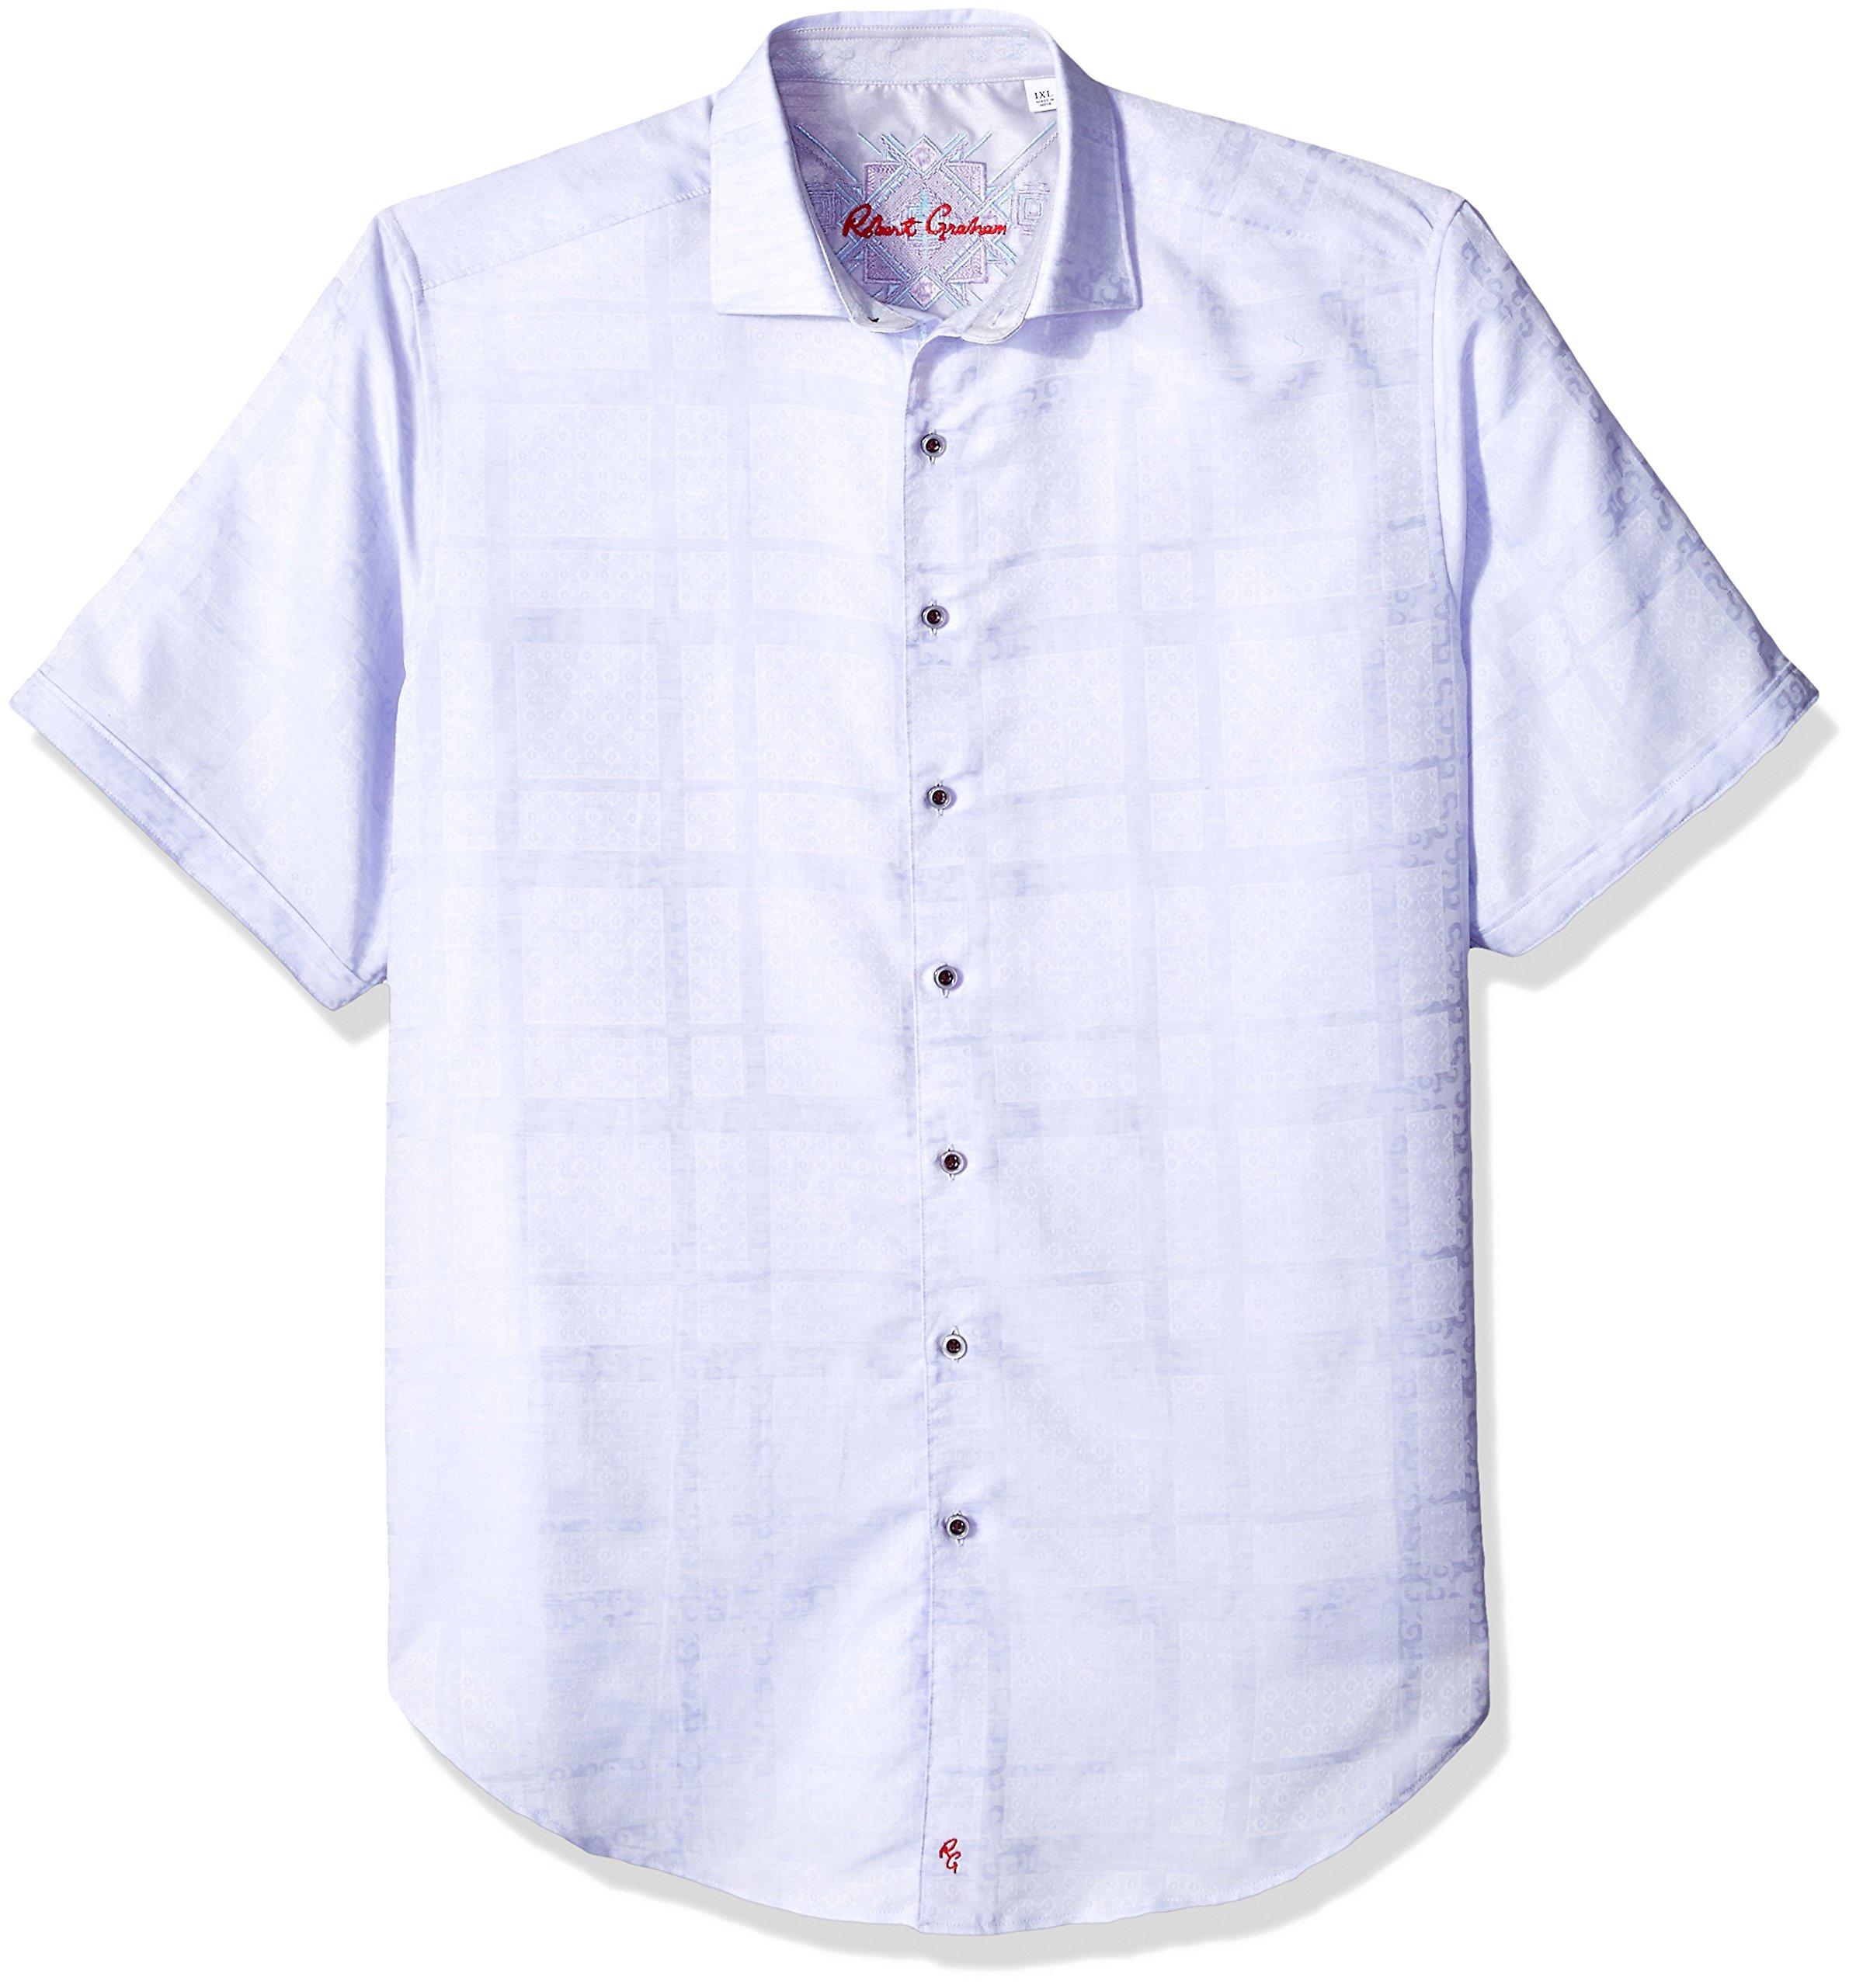 Robert Graham Men's Tall Cotton Linen blend Long Sleeve Woven Sport Shirt